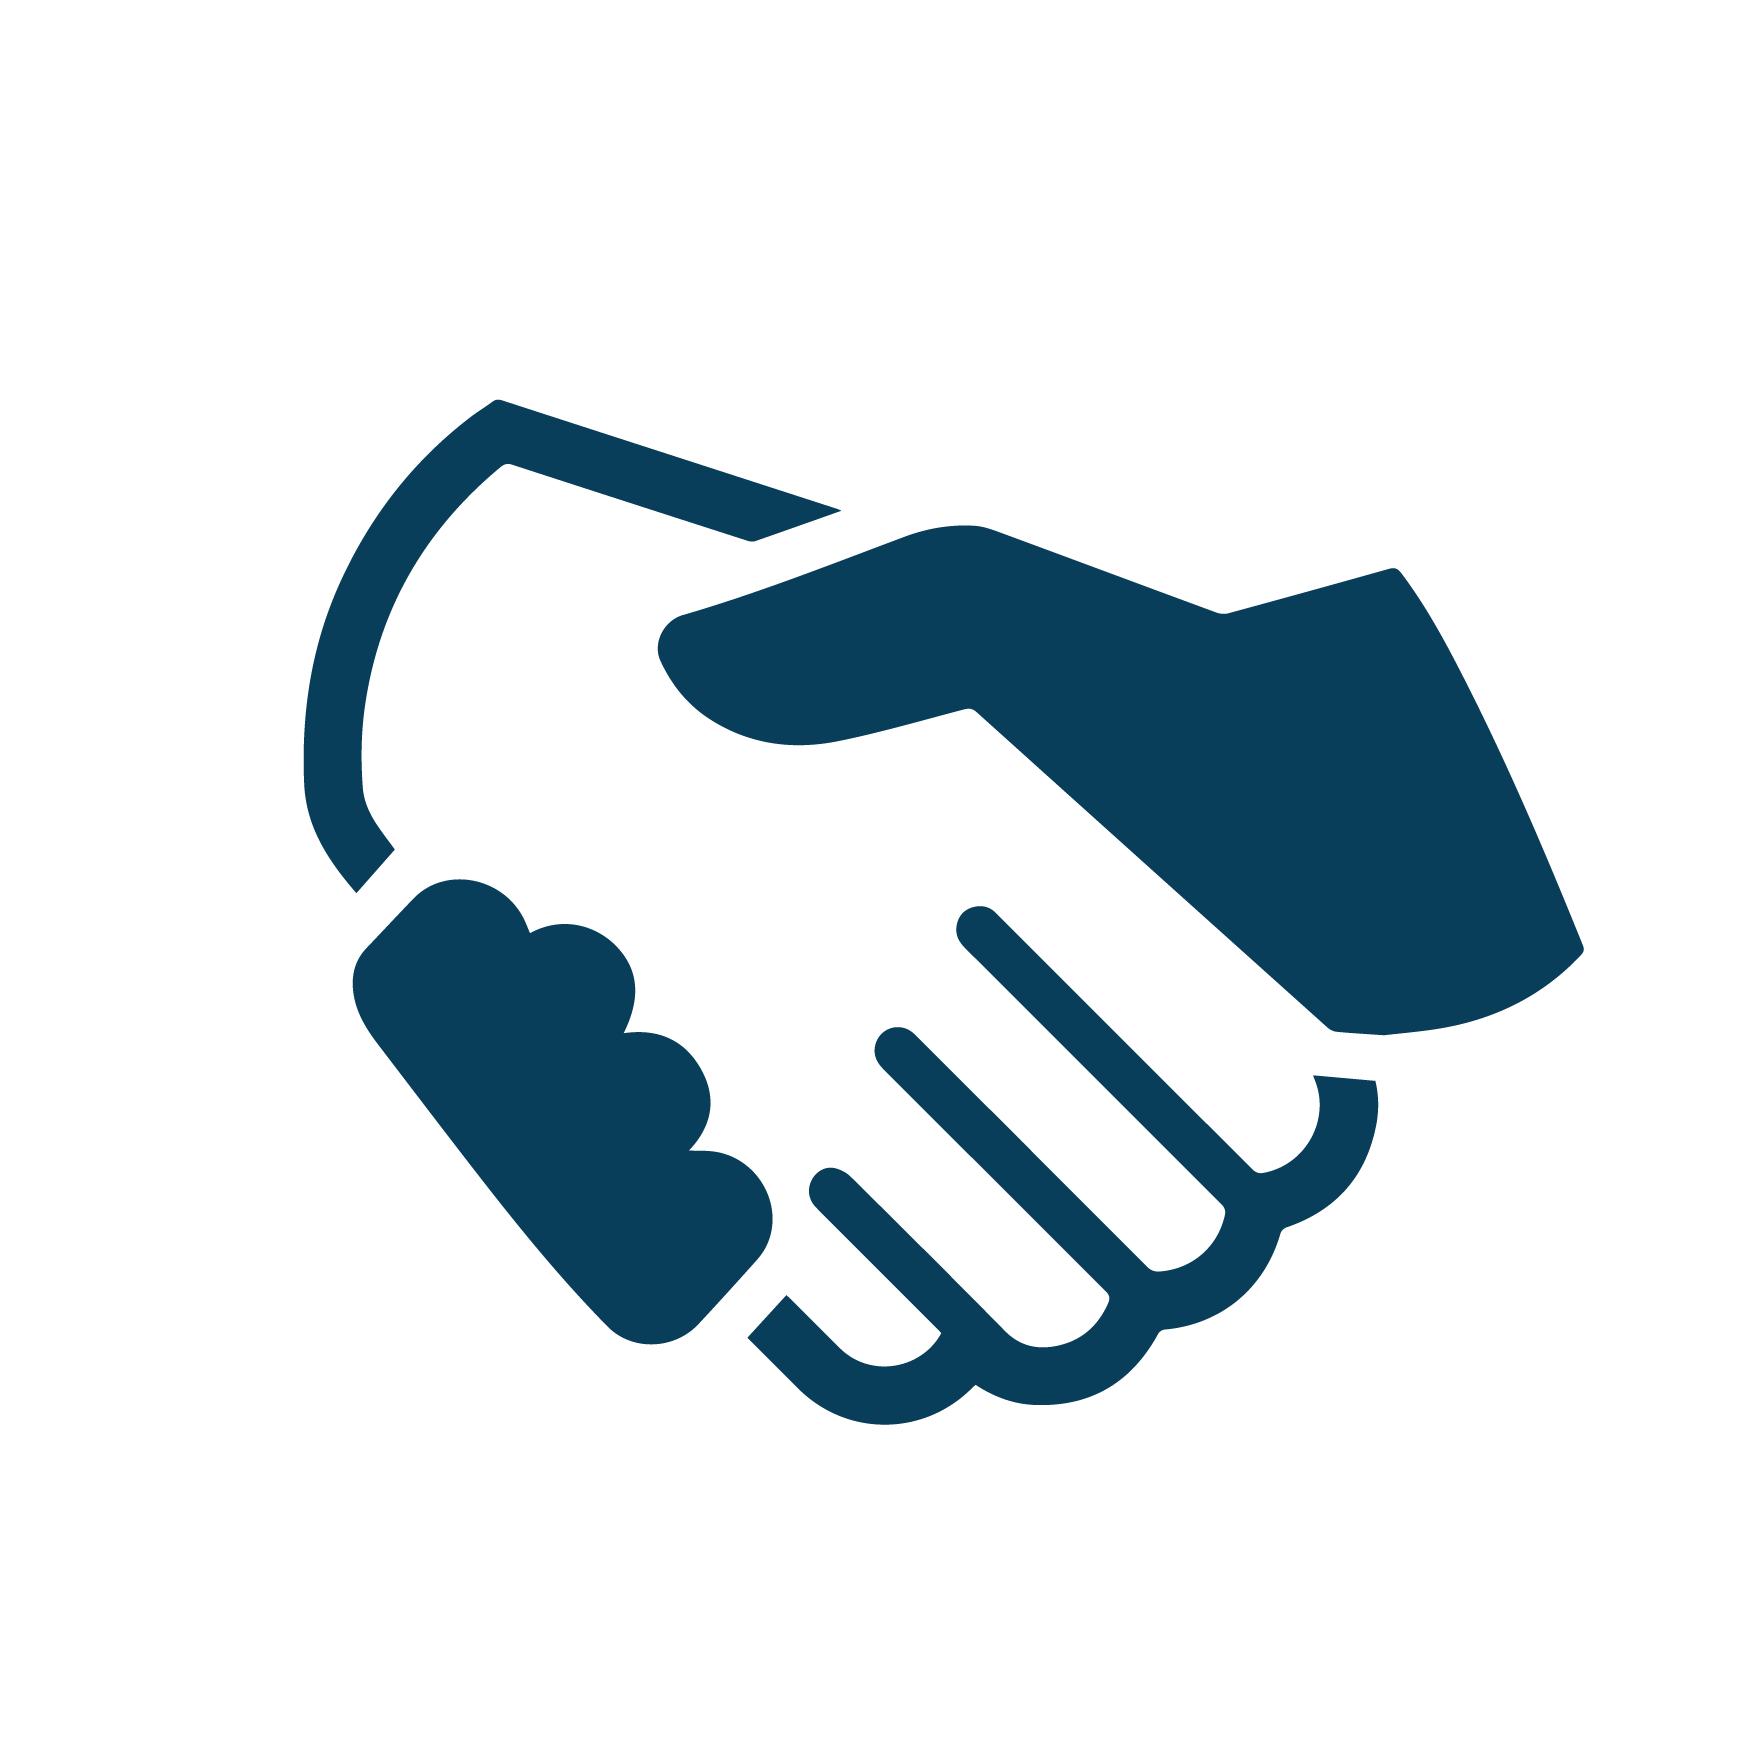 Handshake clipart shareholder. Kulim malaysia berhad integrated